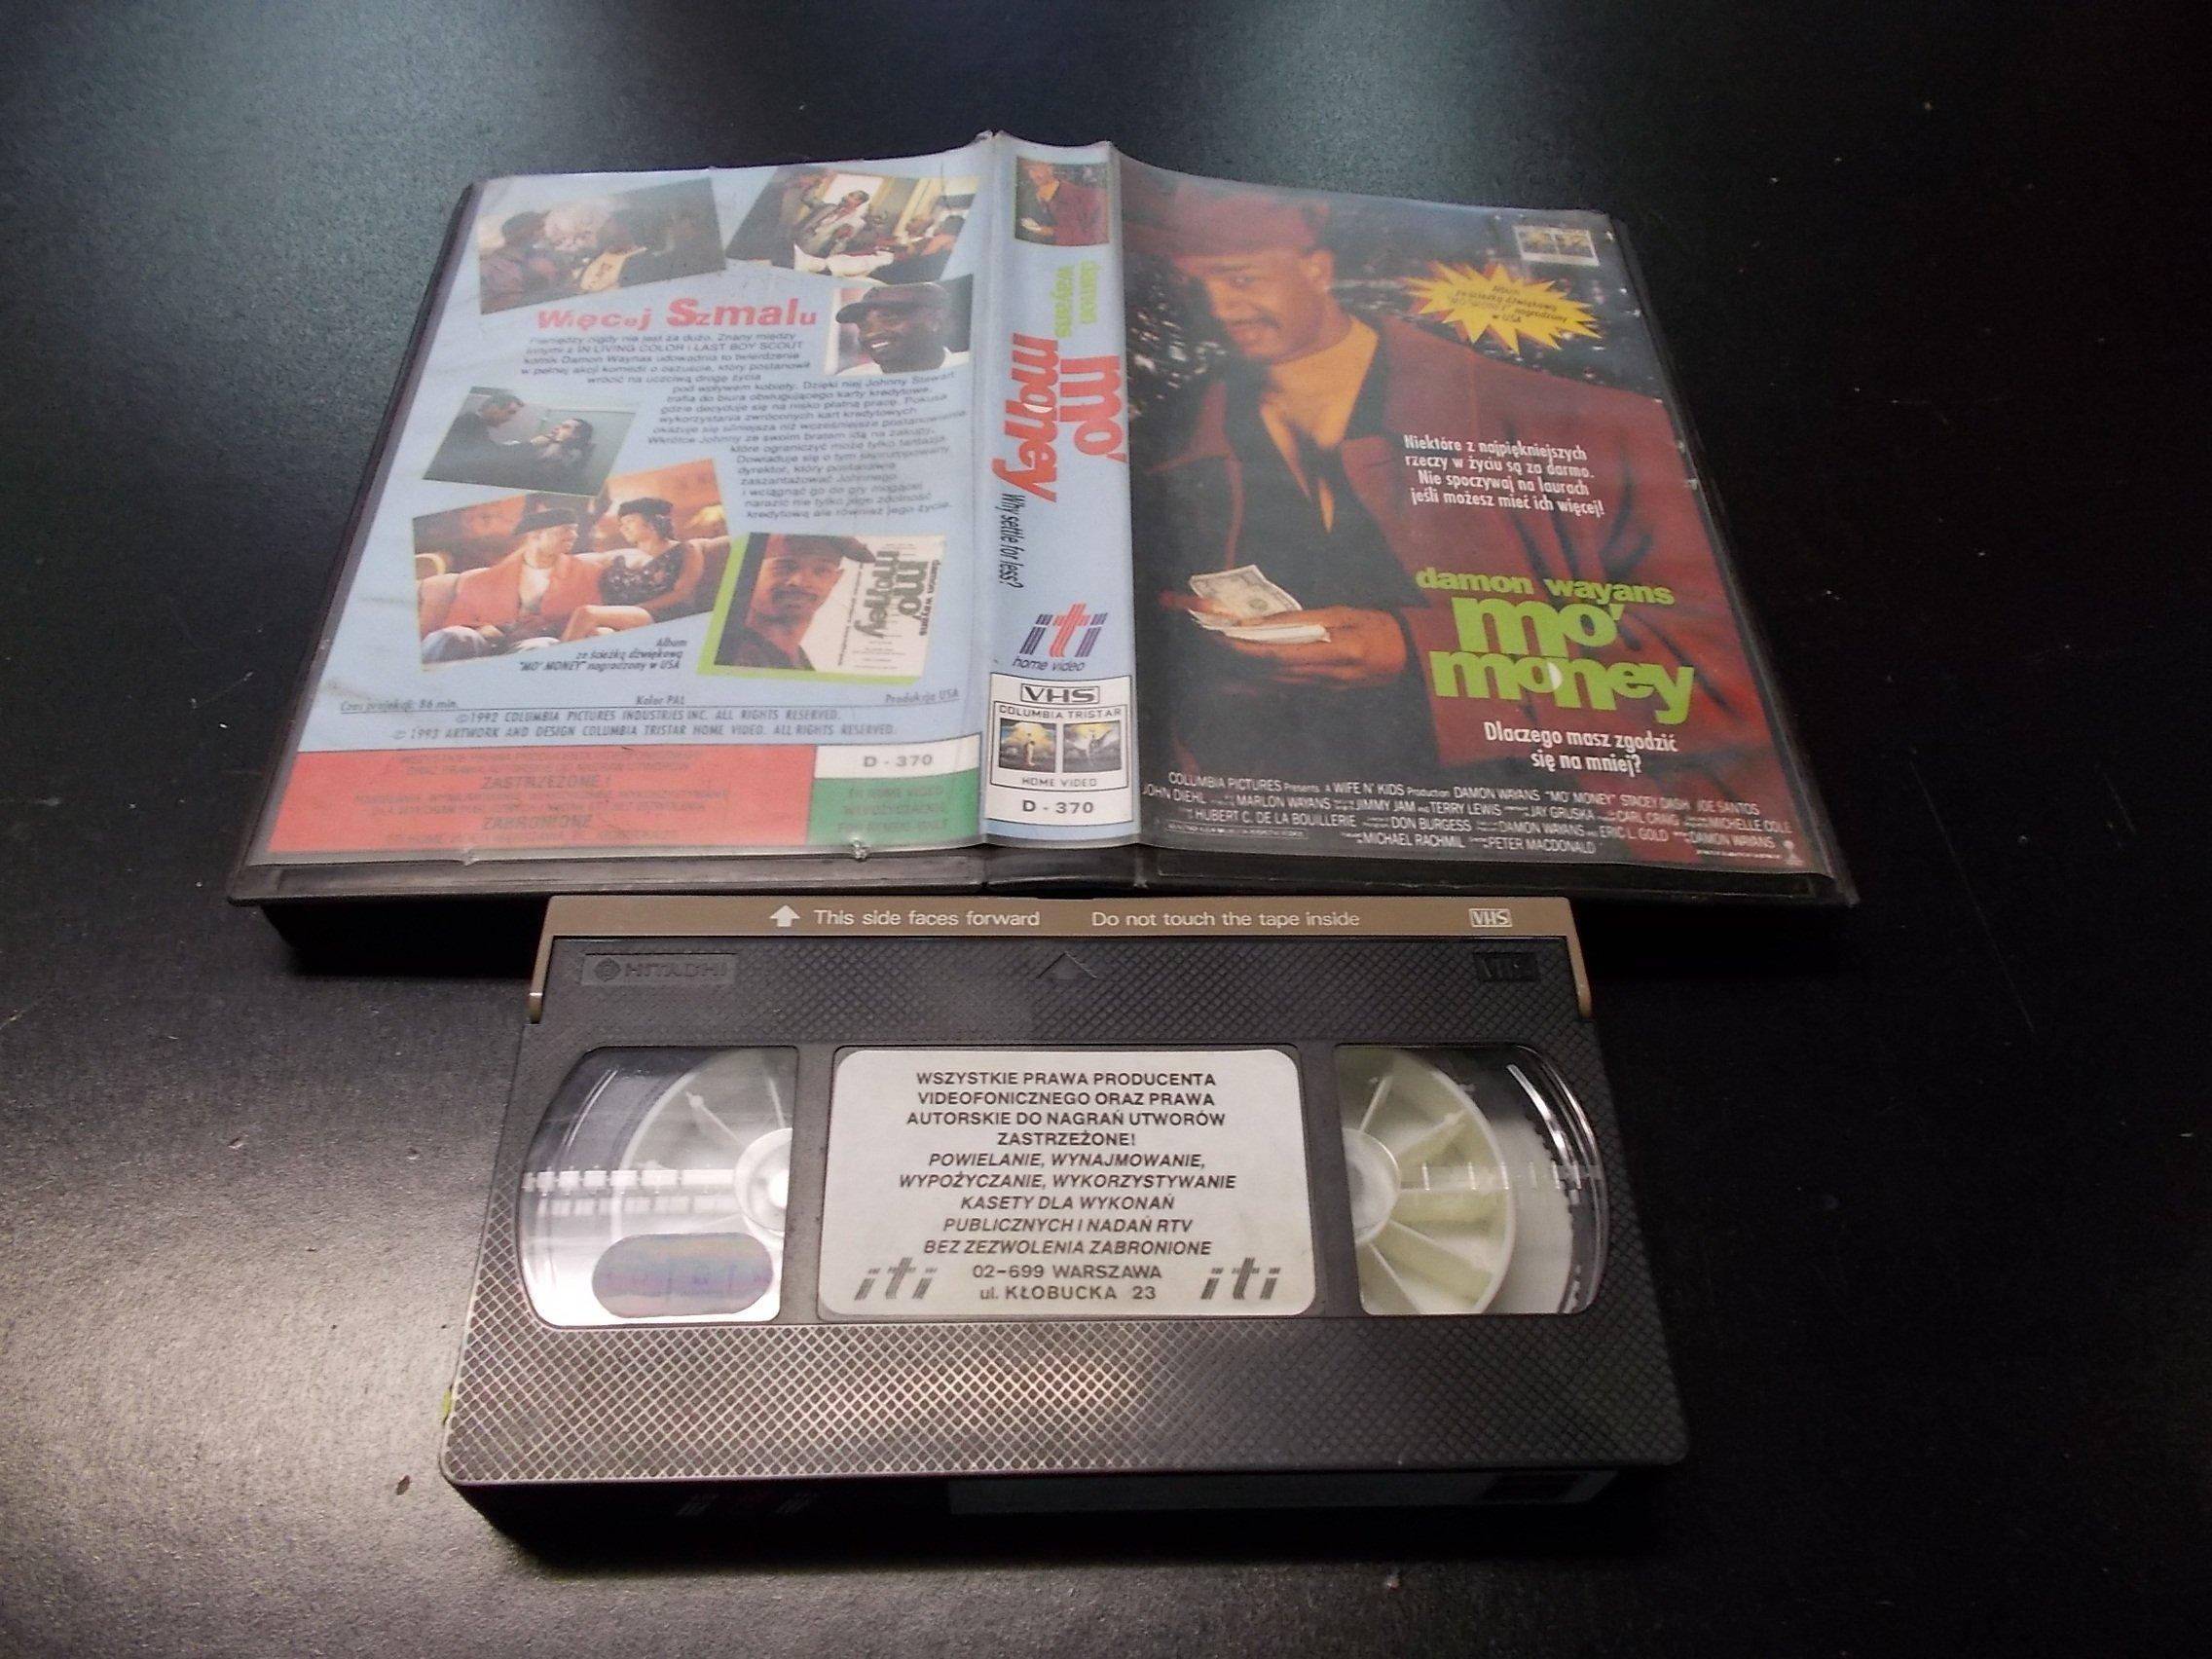 WIĘCEJ SZMALU -  kaseta VHS - 1292 Opole - AlleOpole.pl